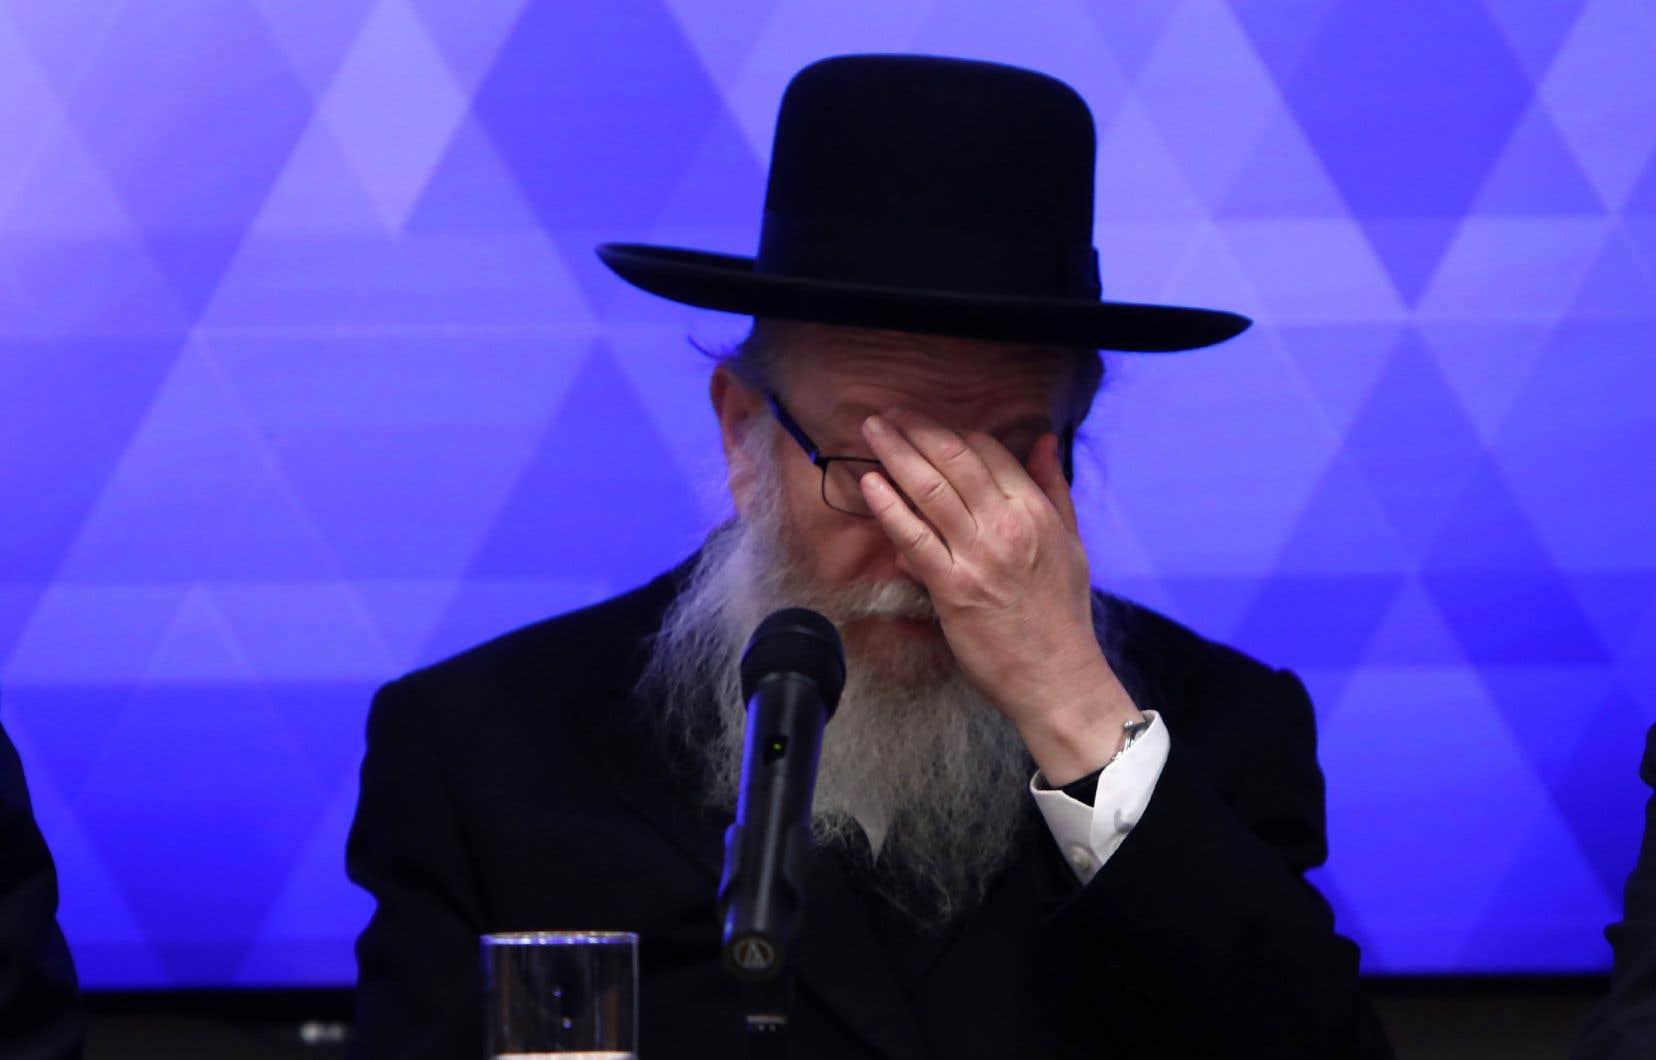 Pour certains observateurs, les difficultés du ministre israélien de la Santé, Yaakov Litzman, à faire comprendre l'ampleur de la crise à ses pairs sont symptomatiques de la division de la société israélienne entre les ultraorthodoxes et les autres.